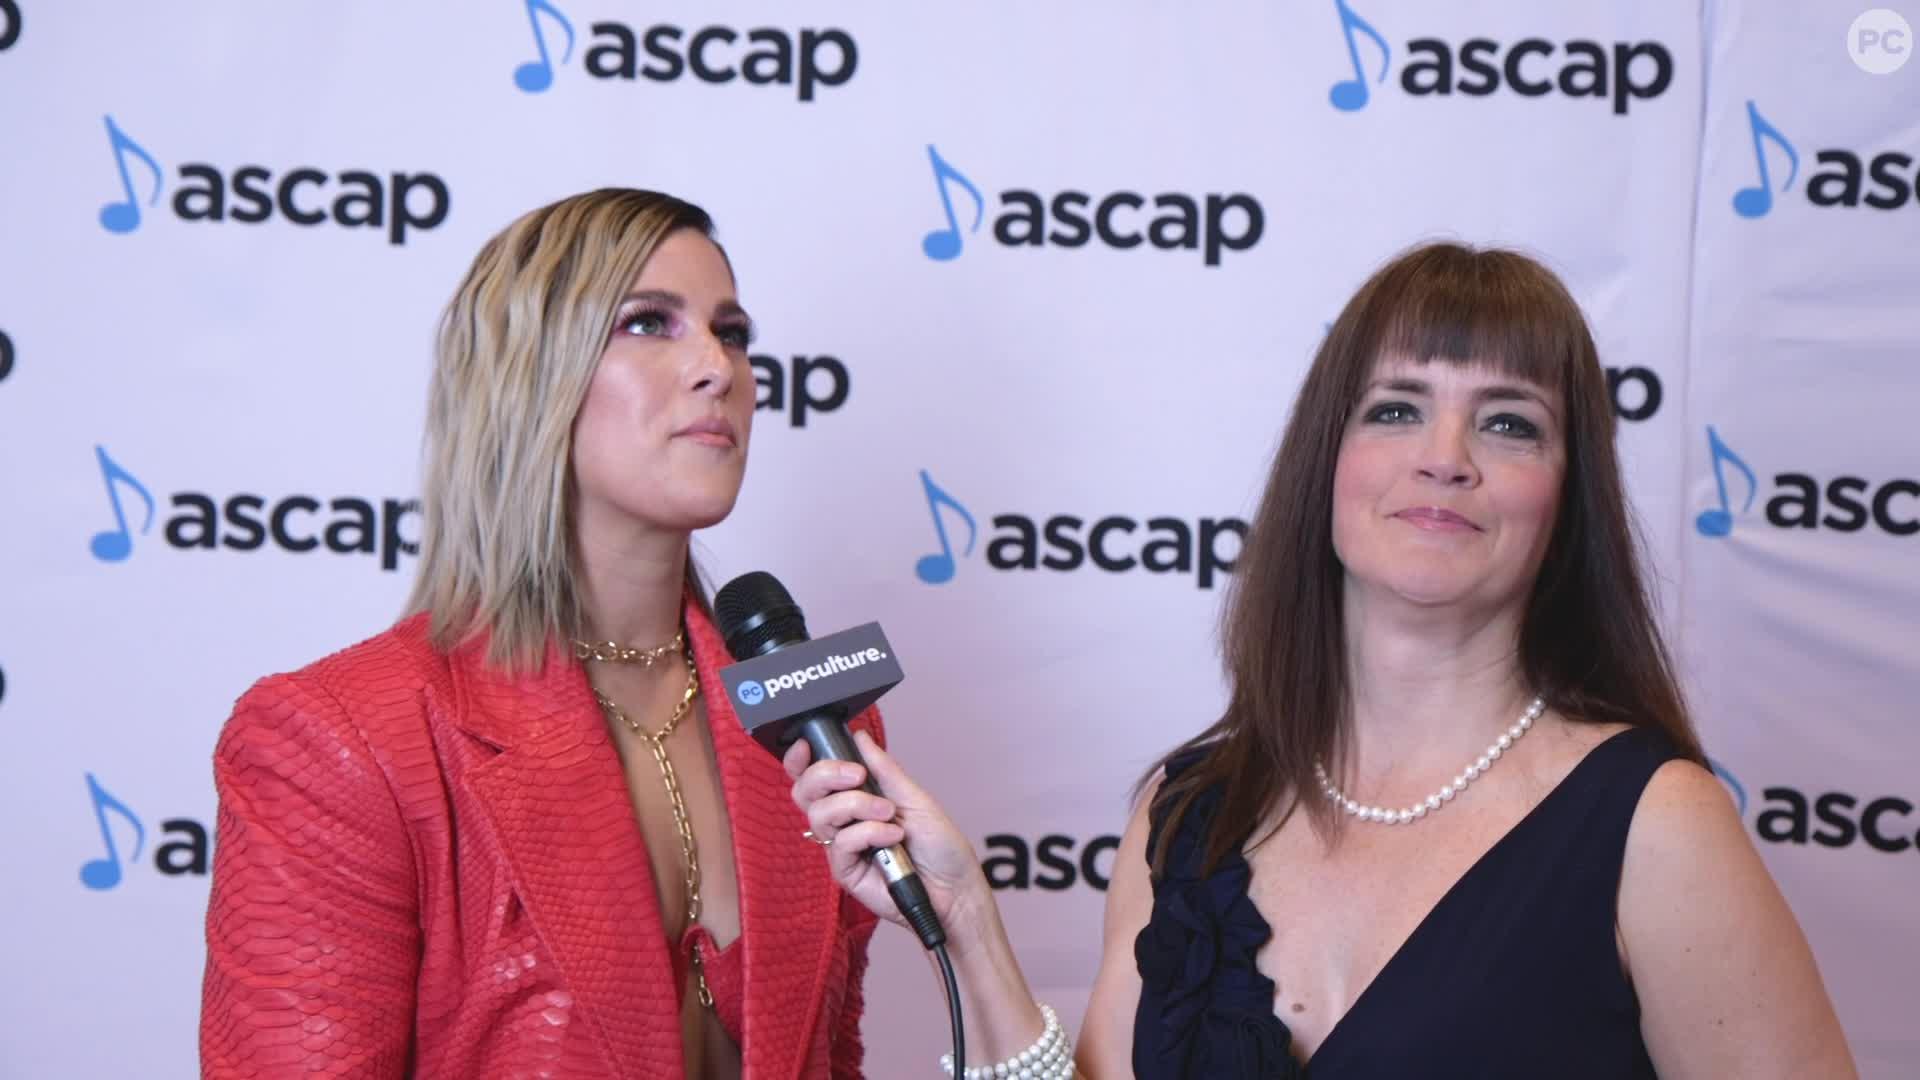 Cassadee Pope - 2019 Ascap Awards Ceremony screen capture